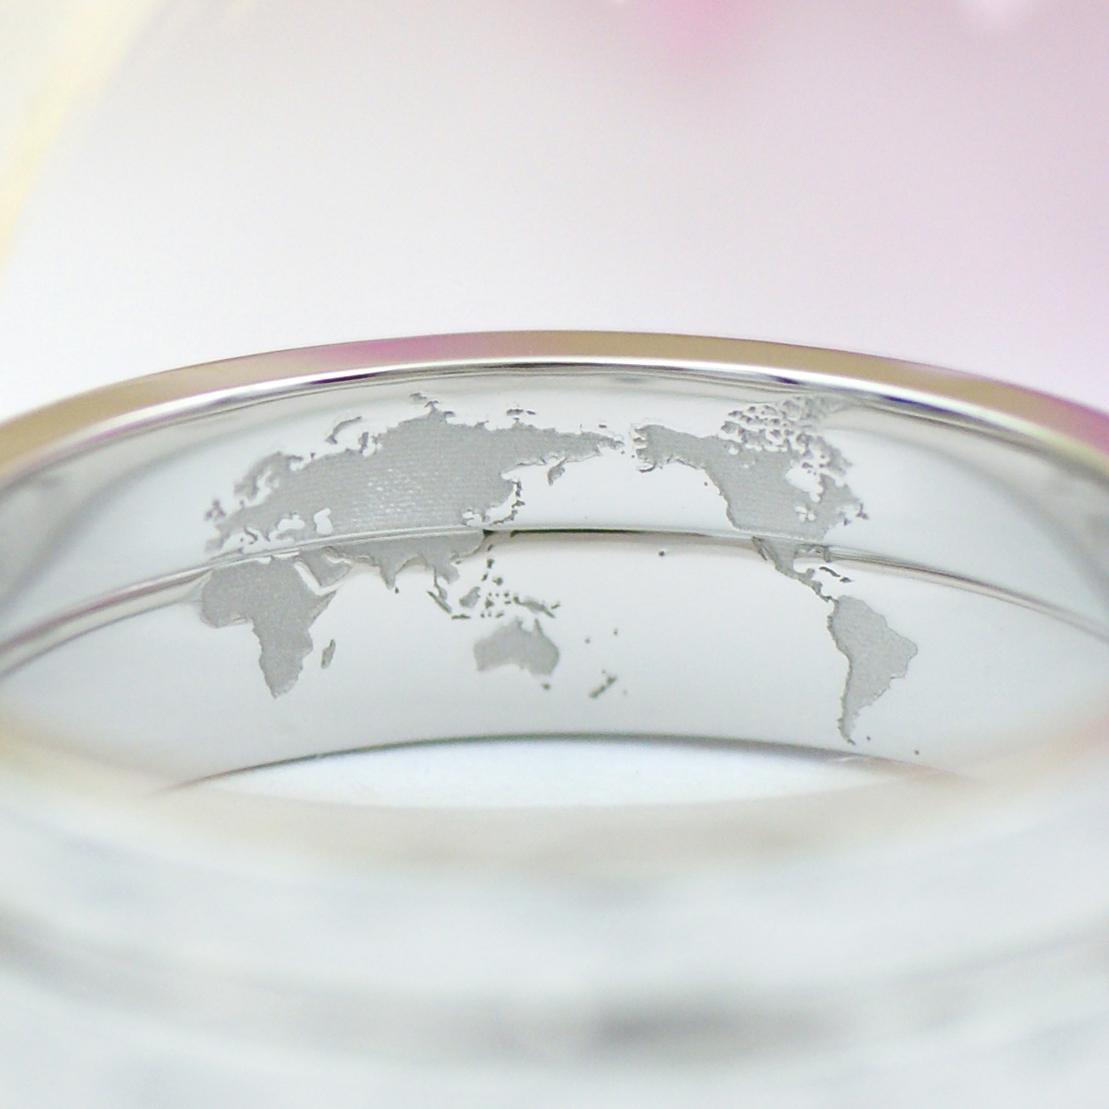 指輪の内側に込められた世界地図/kazariyaYui福島県郡山市